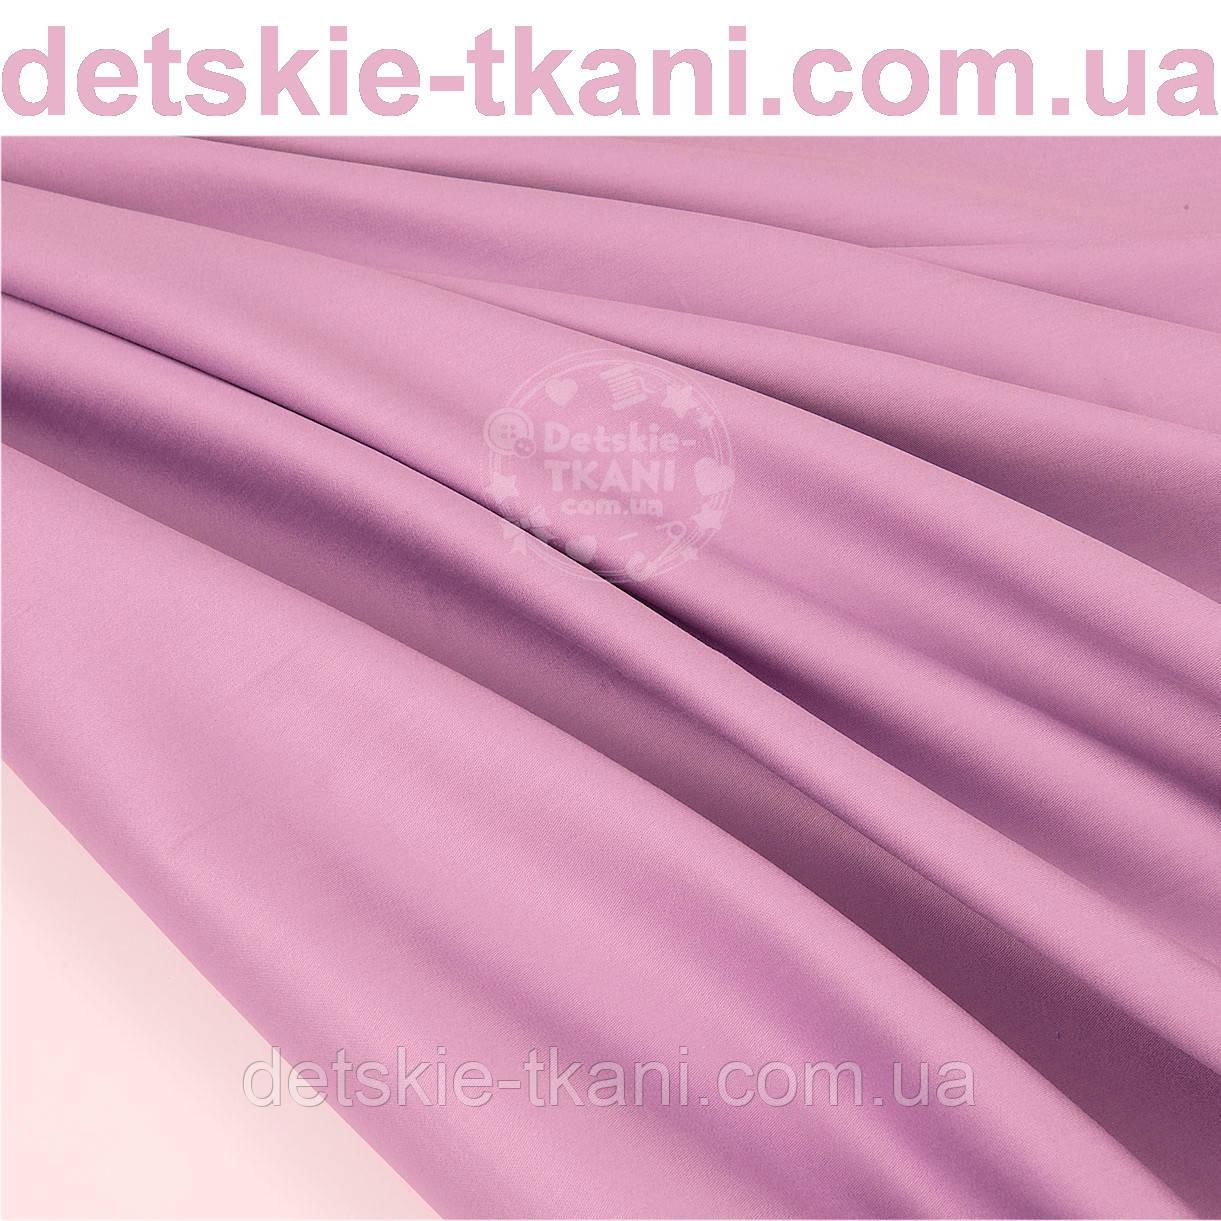 Лоскут сатина премиум, цвет фиалковый №1087, размер 35*120 см